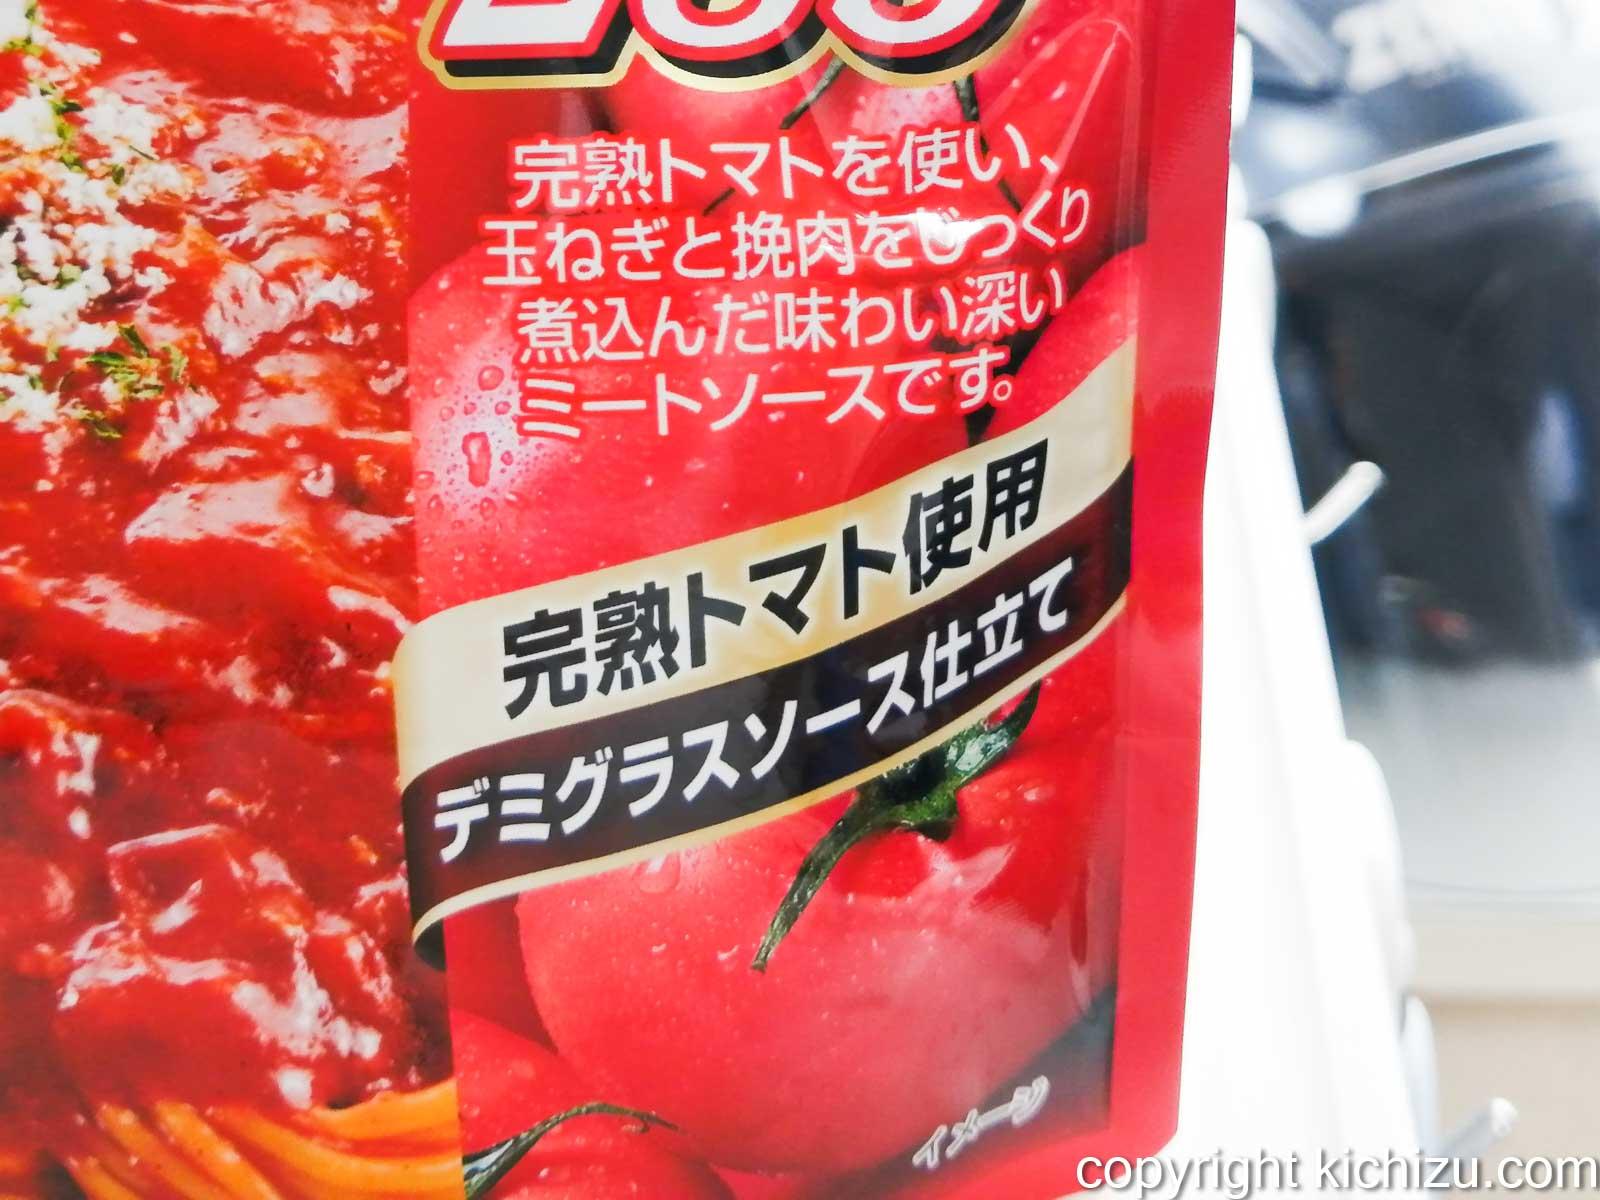 完熟トマトを使い、玉ねぎと挽肉をじっくり煮込んだ味わい深いミートソースです。